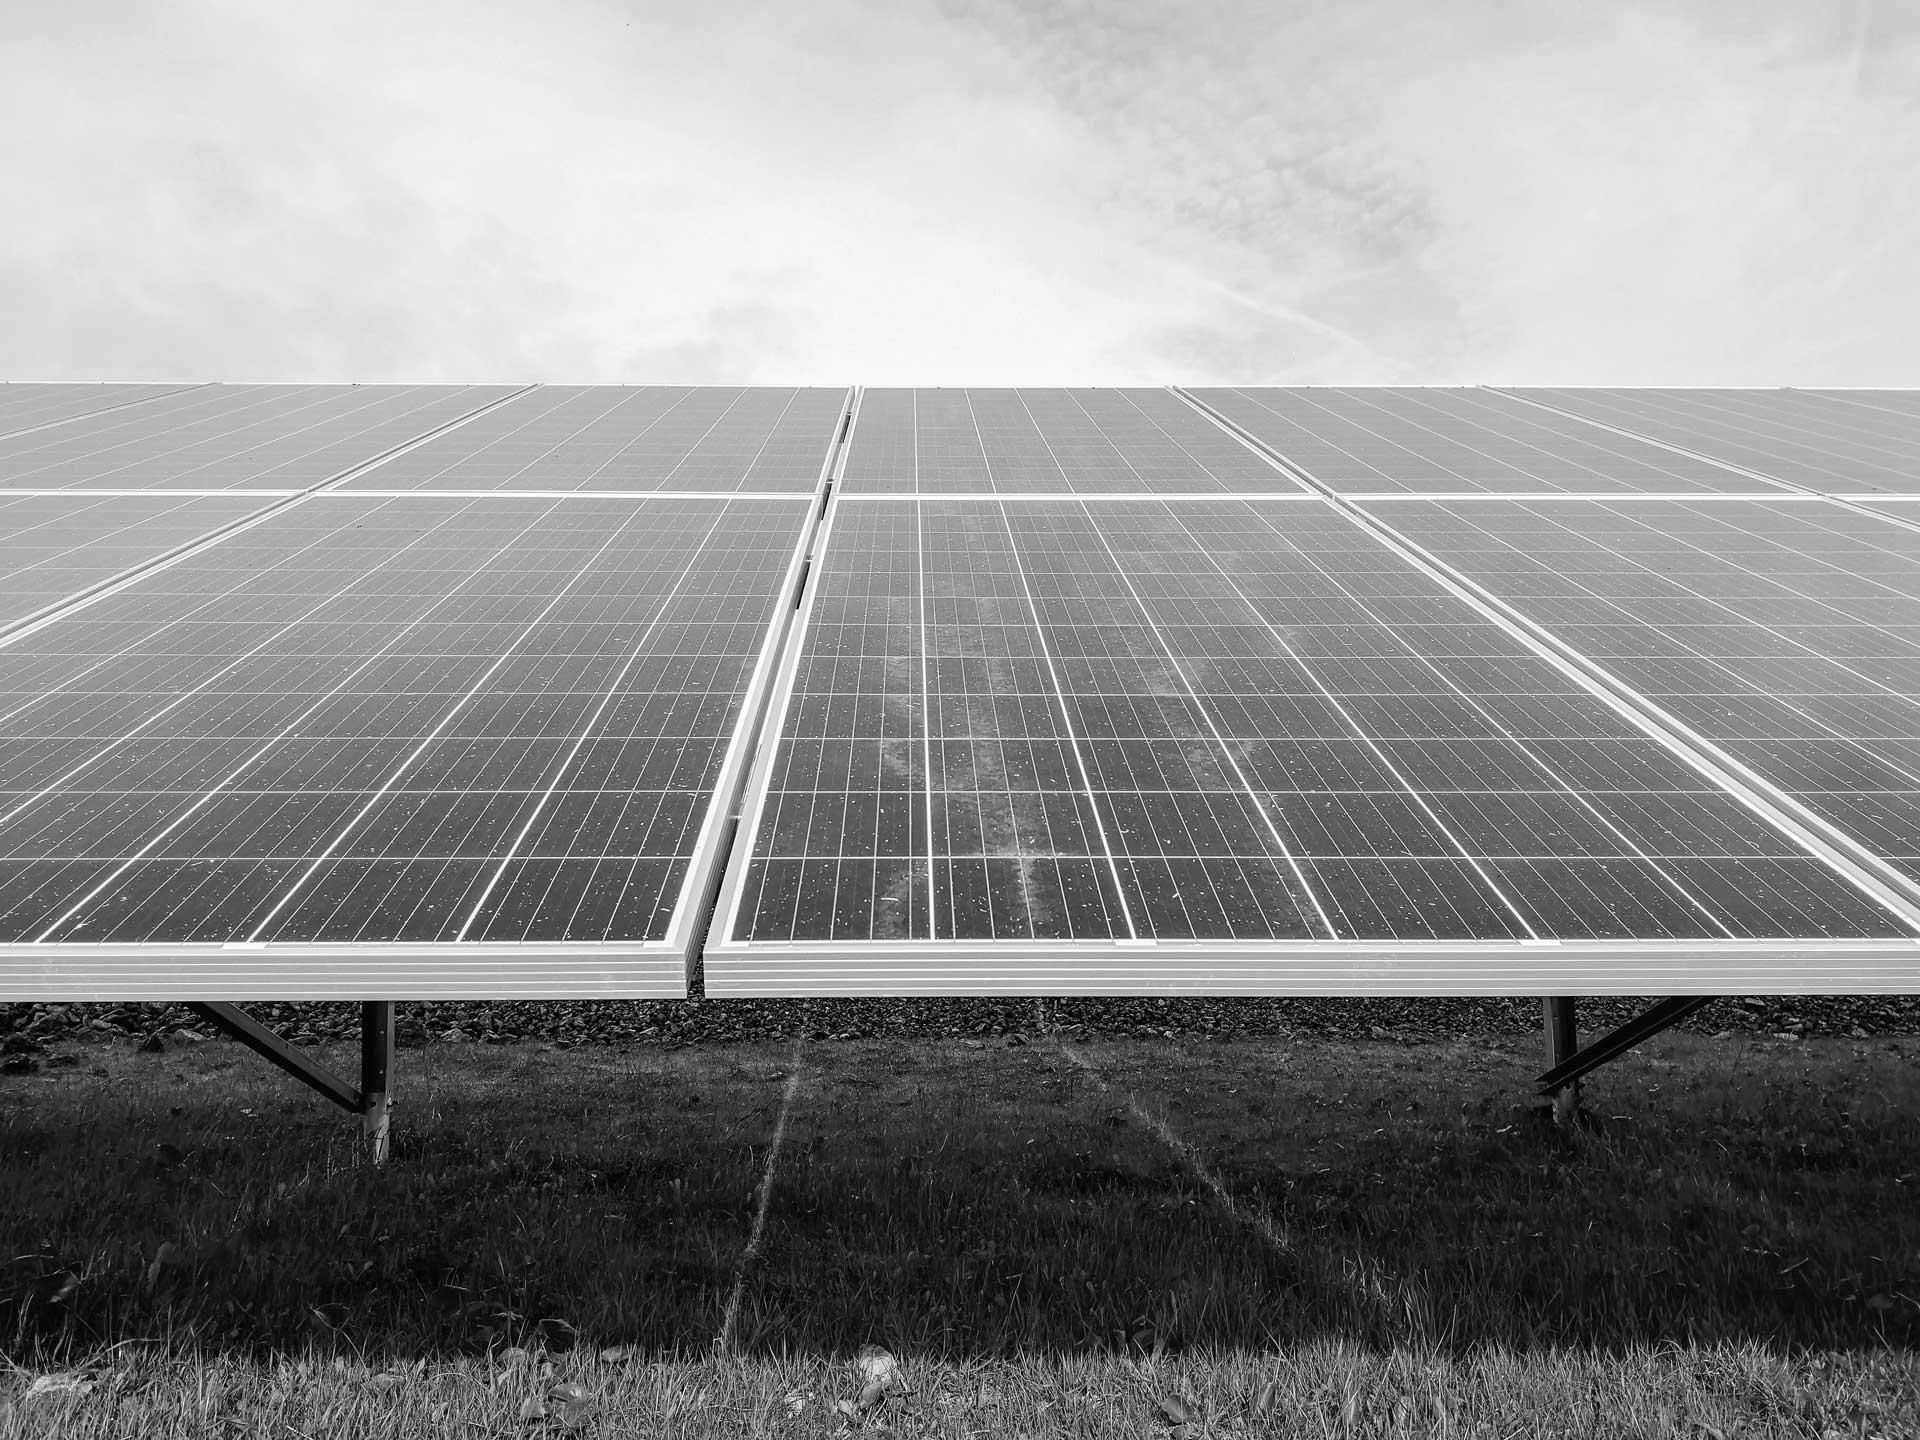 Solar panels in a field.